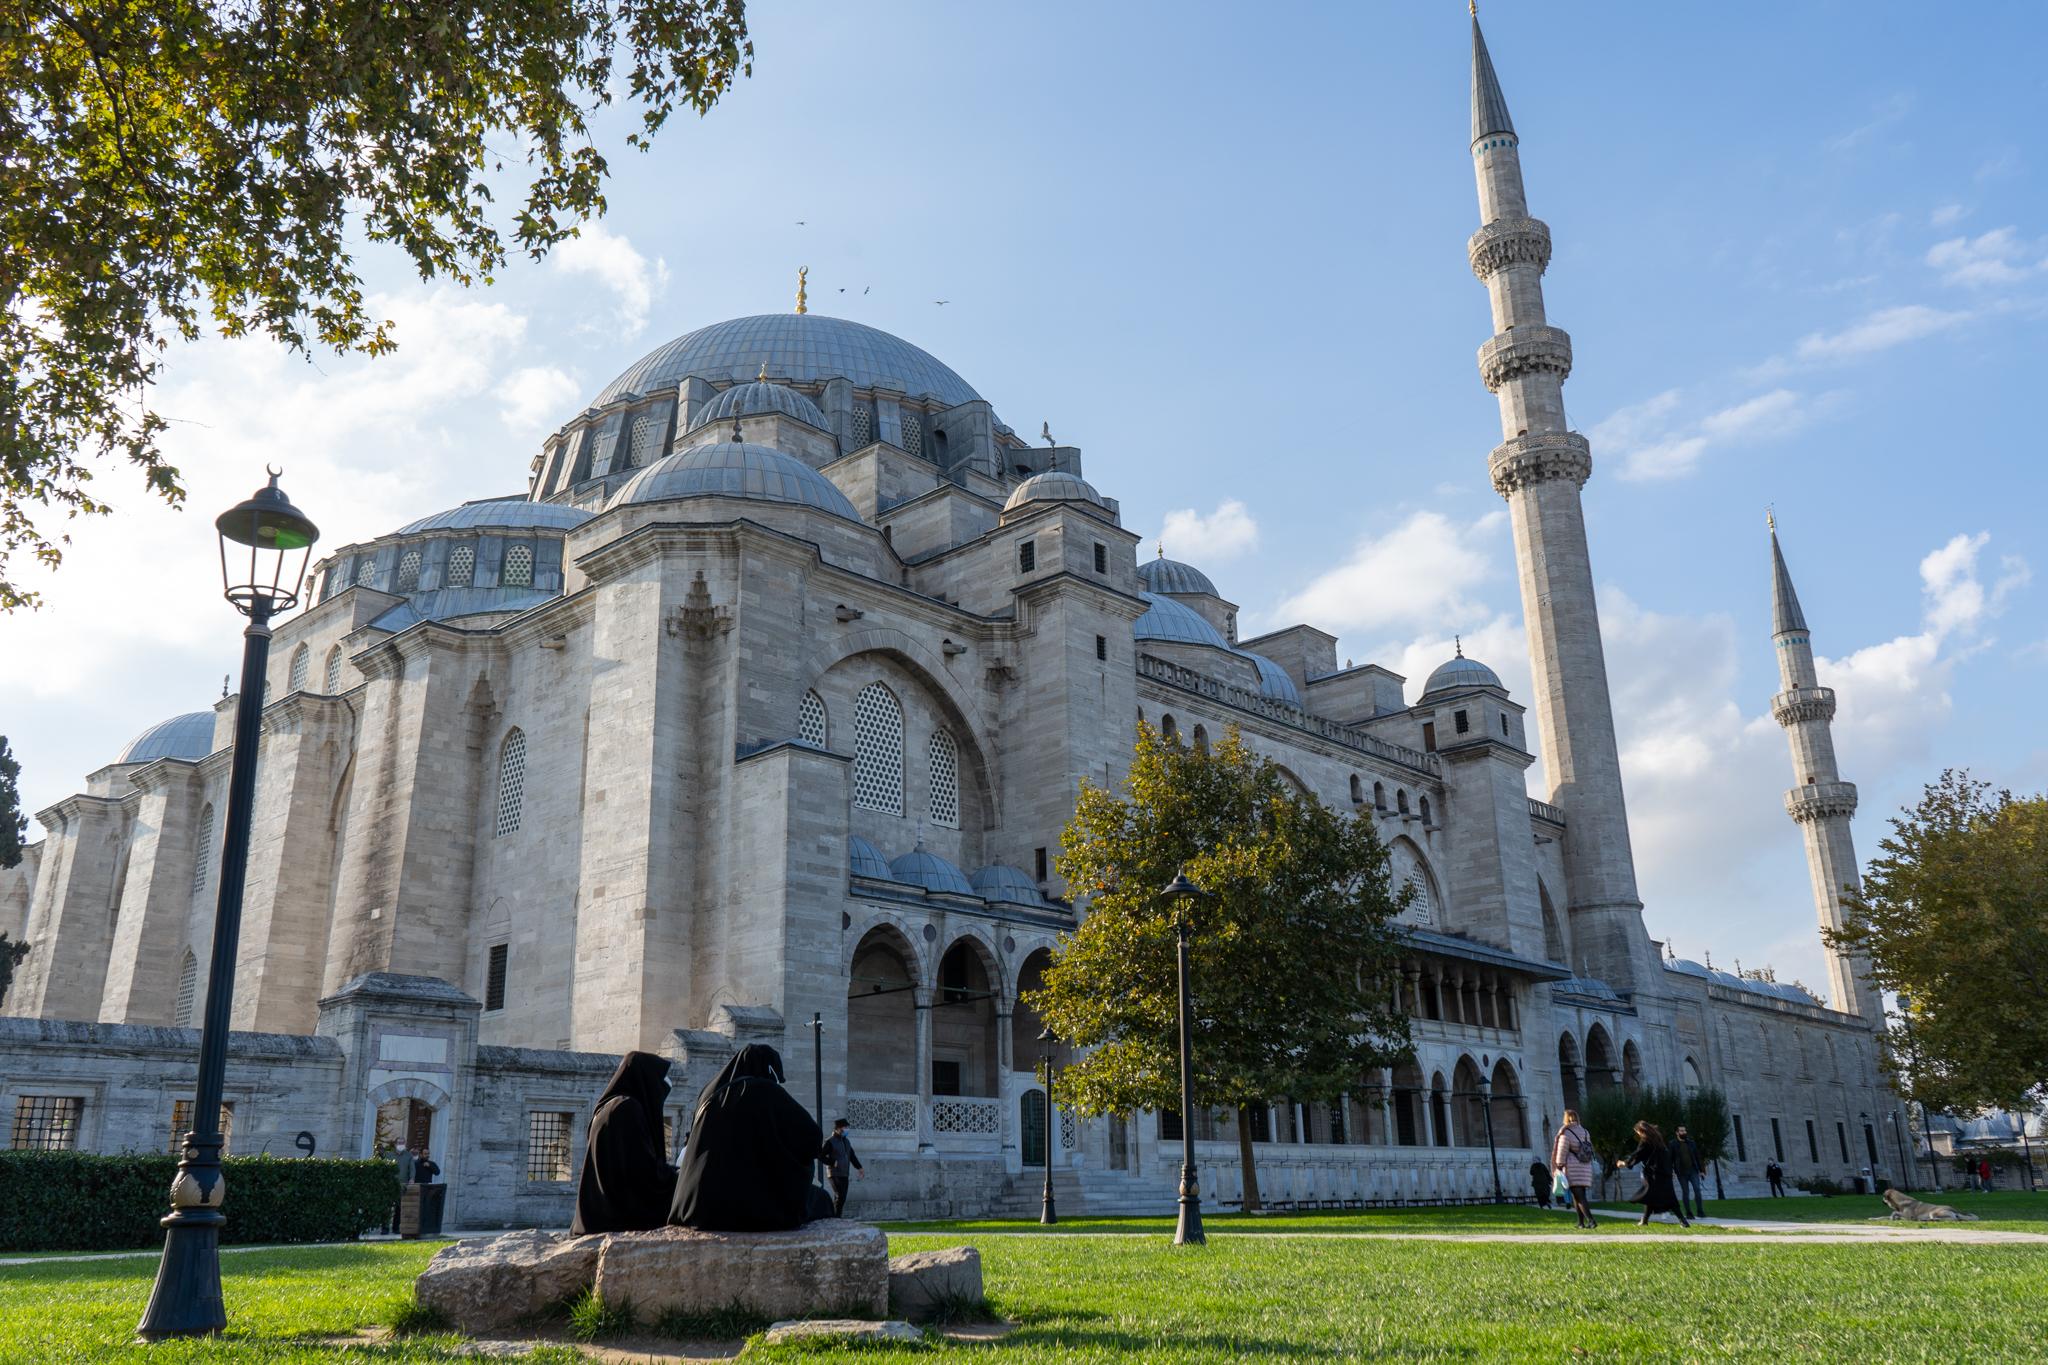 Suleymanye Moschee in Istanbul